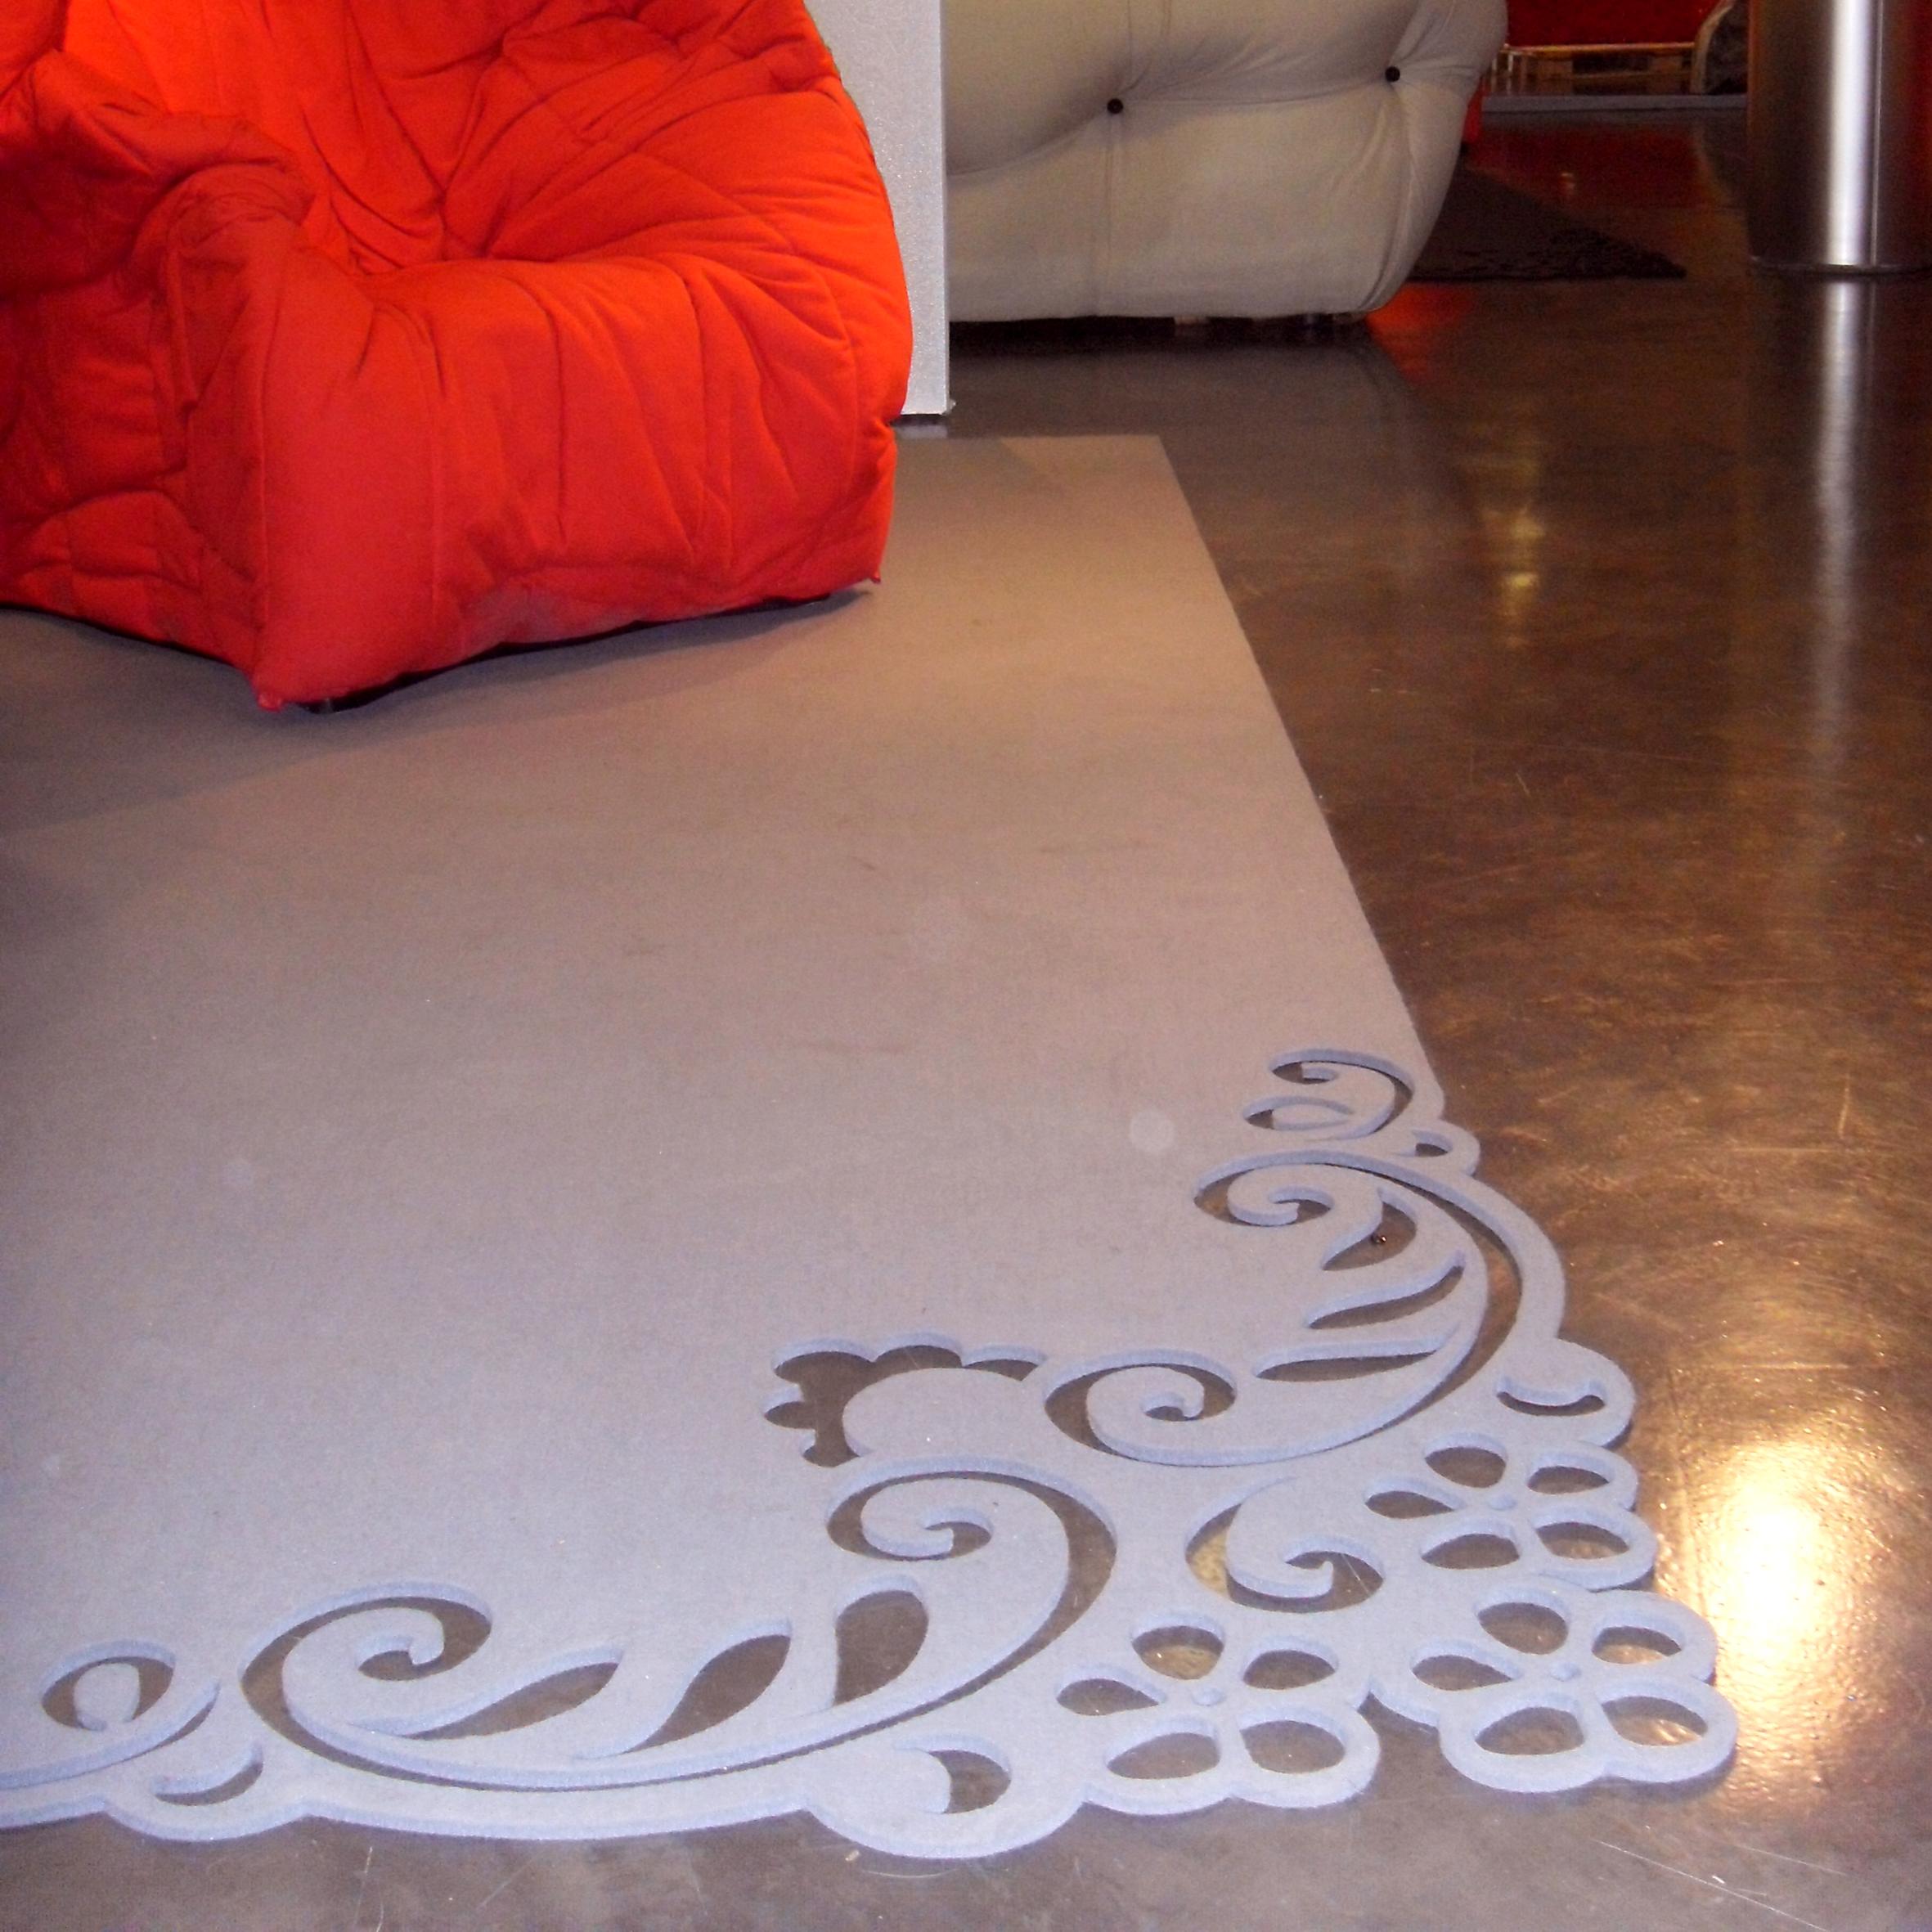 36 rif Feltri 2 in collezione tappeti